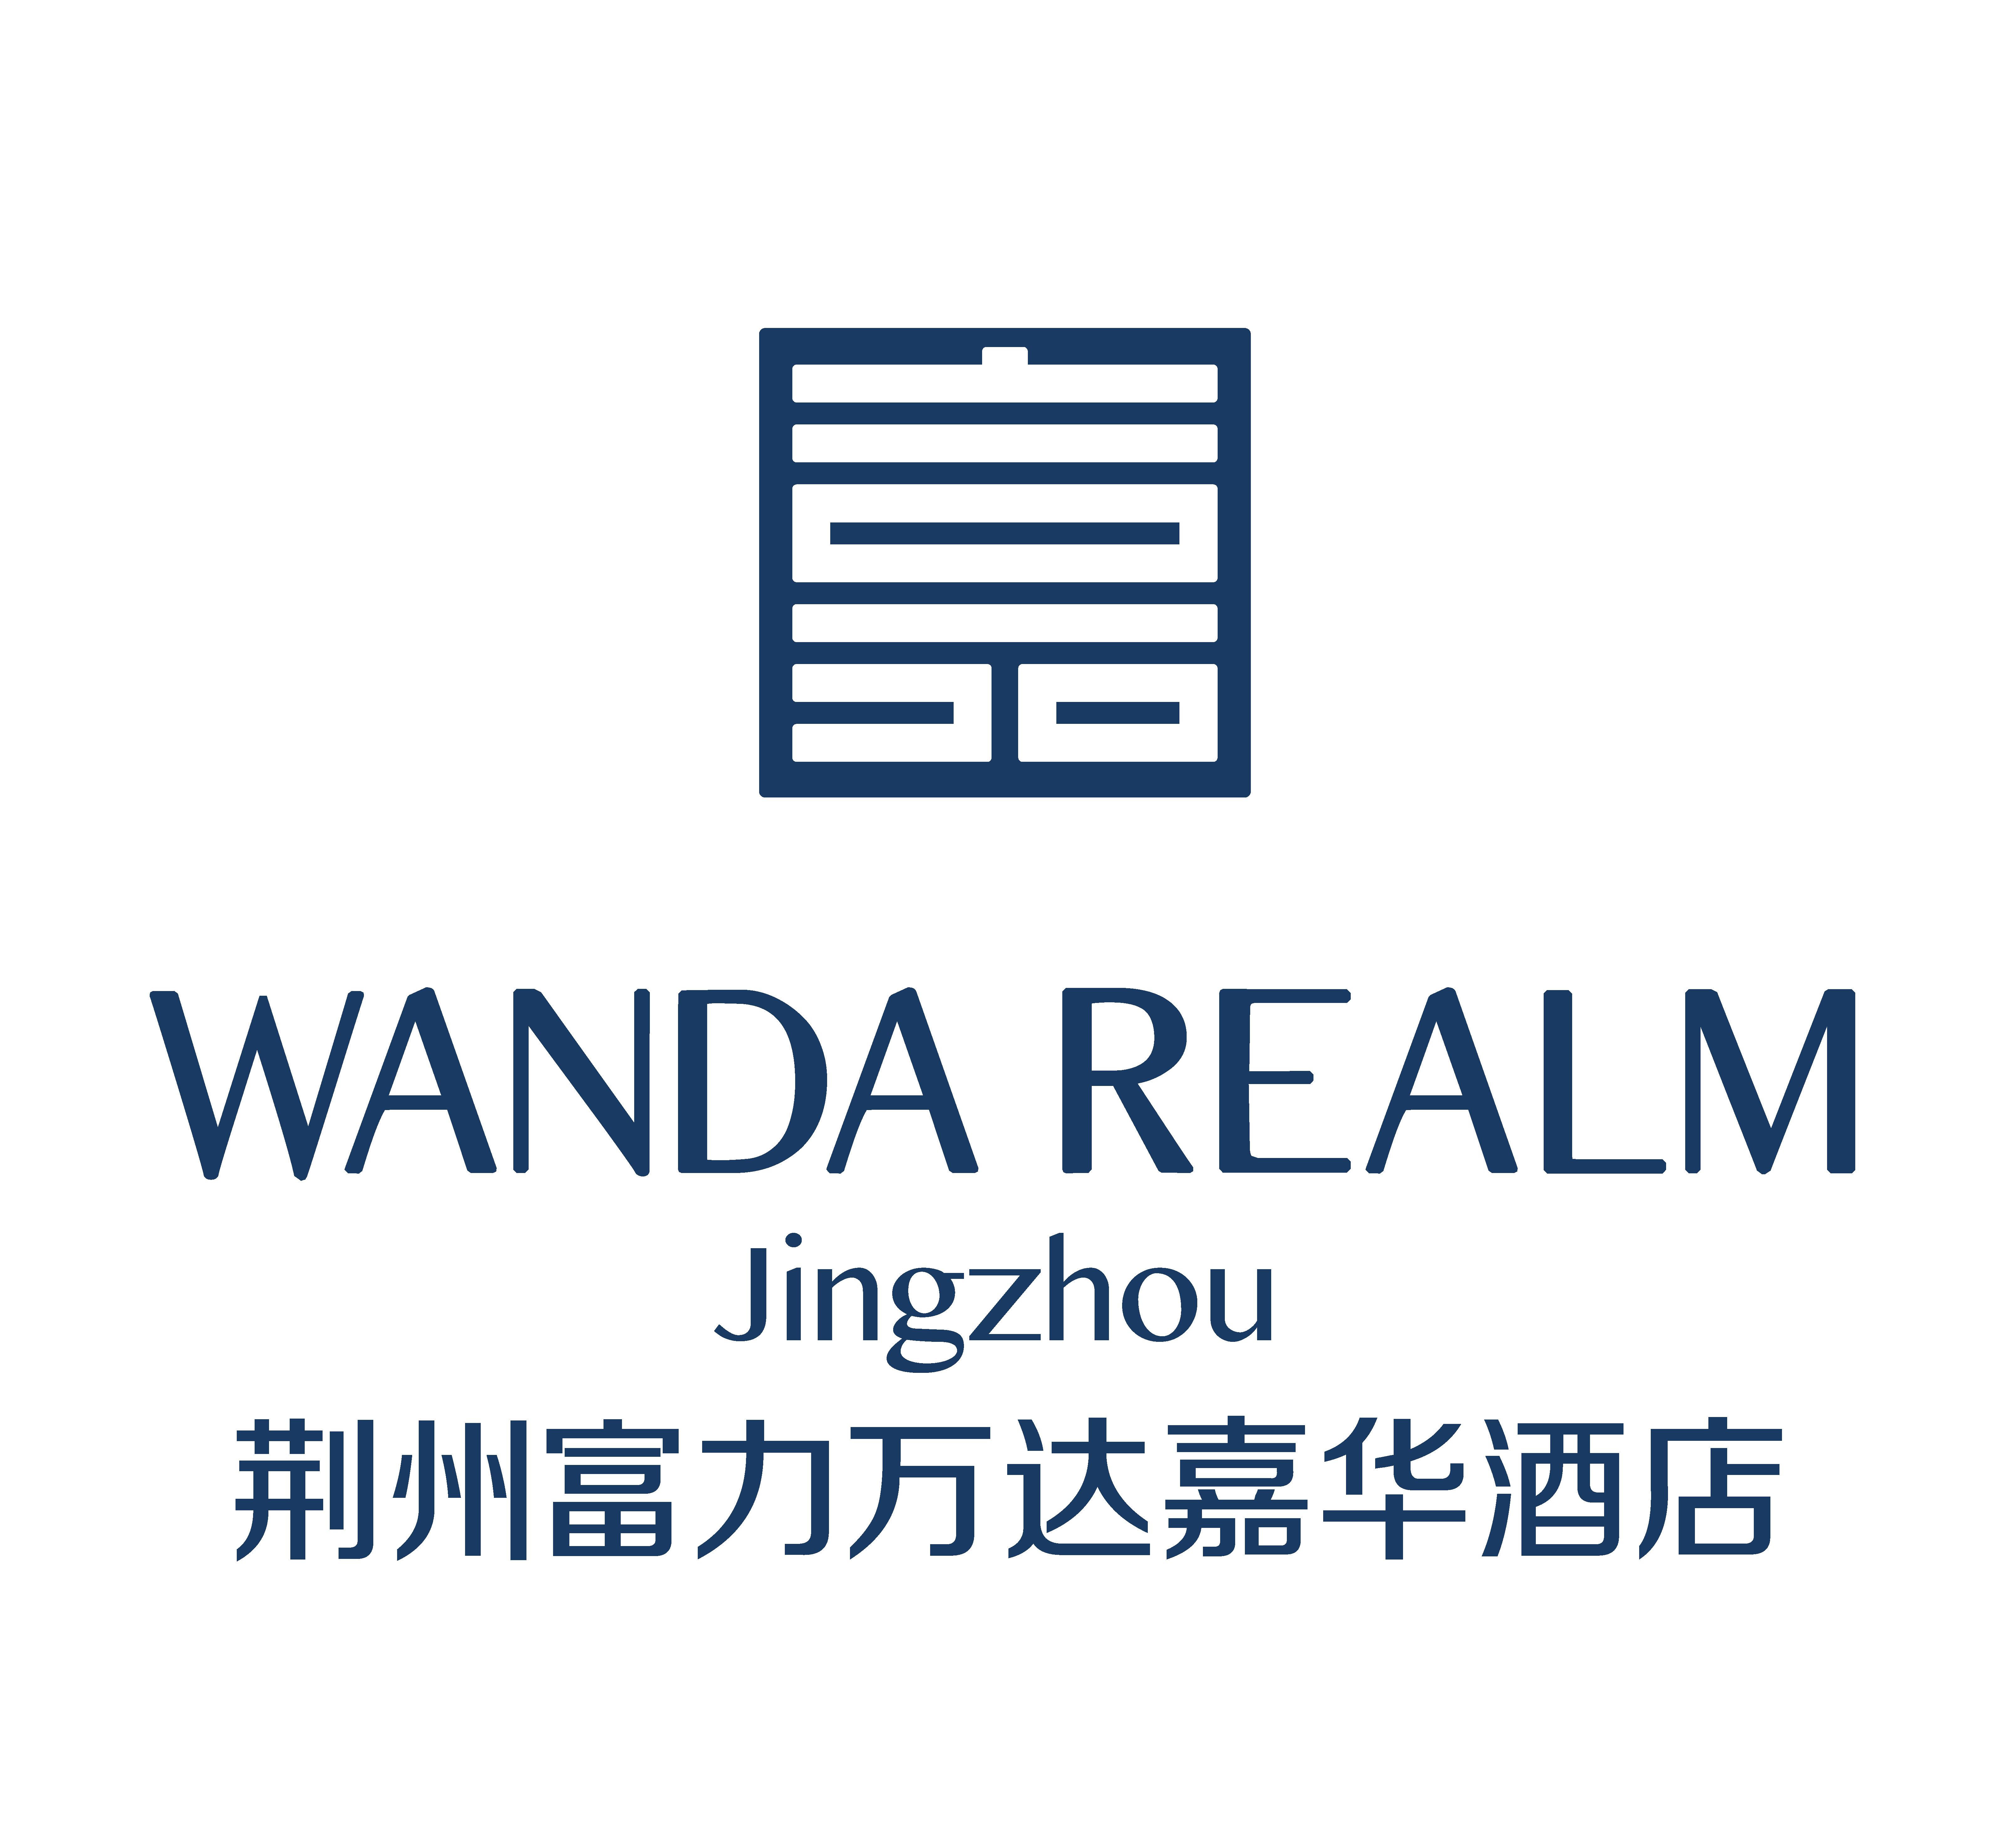 湖北荆州万达嘉华酒店Wanda Realm Jingzhou